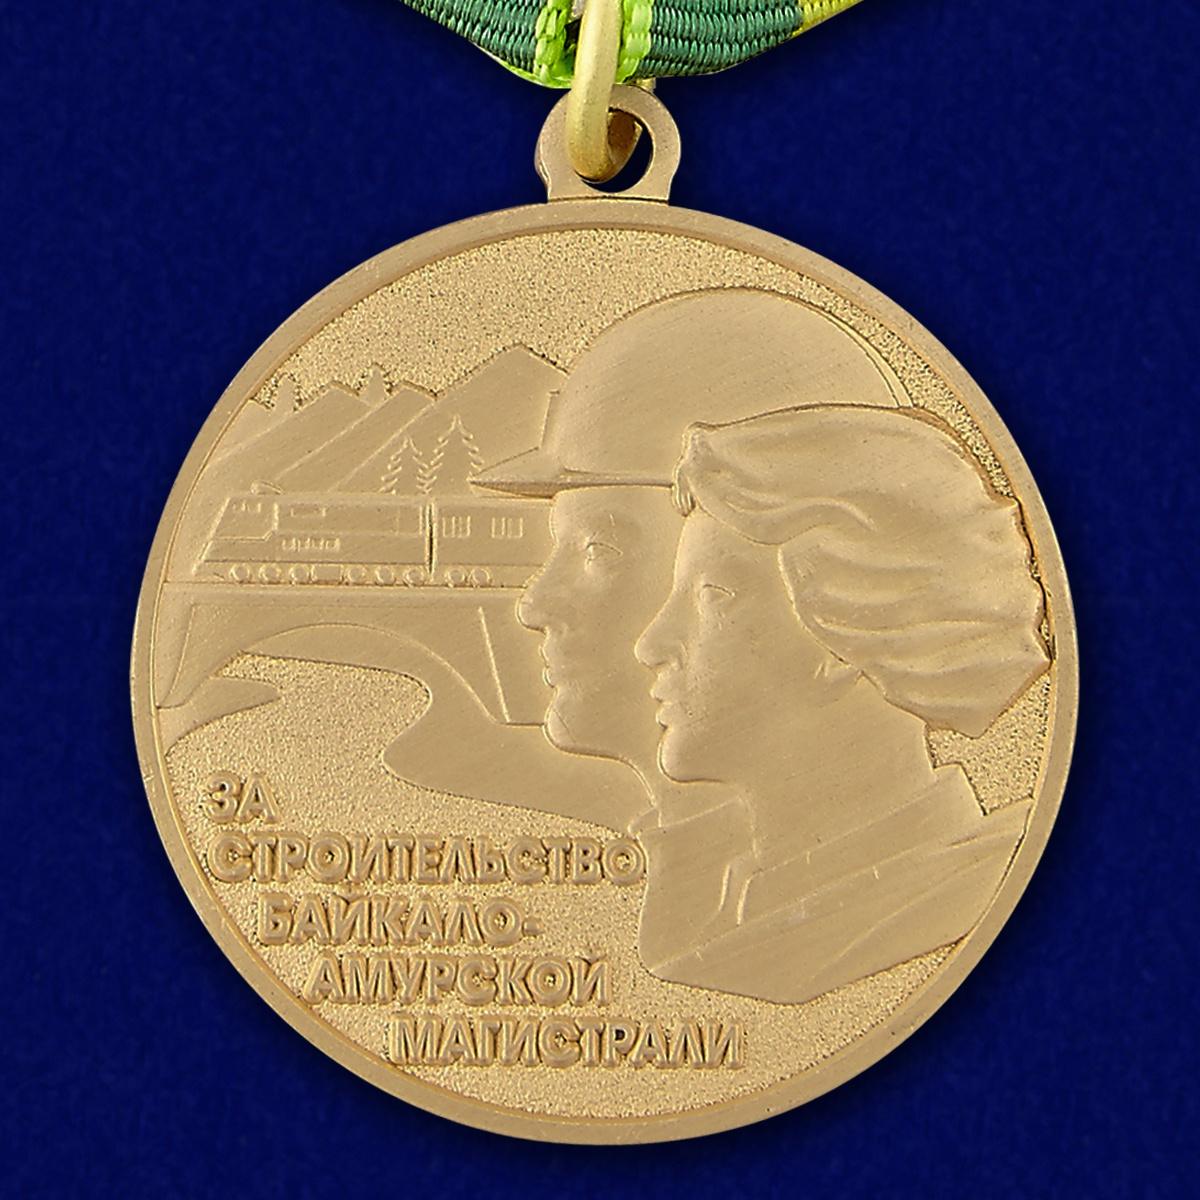 Доплата к пенсии награждённым медалью «За освоение БАМа»